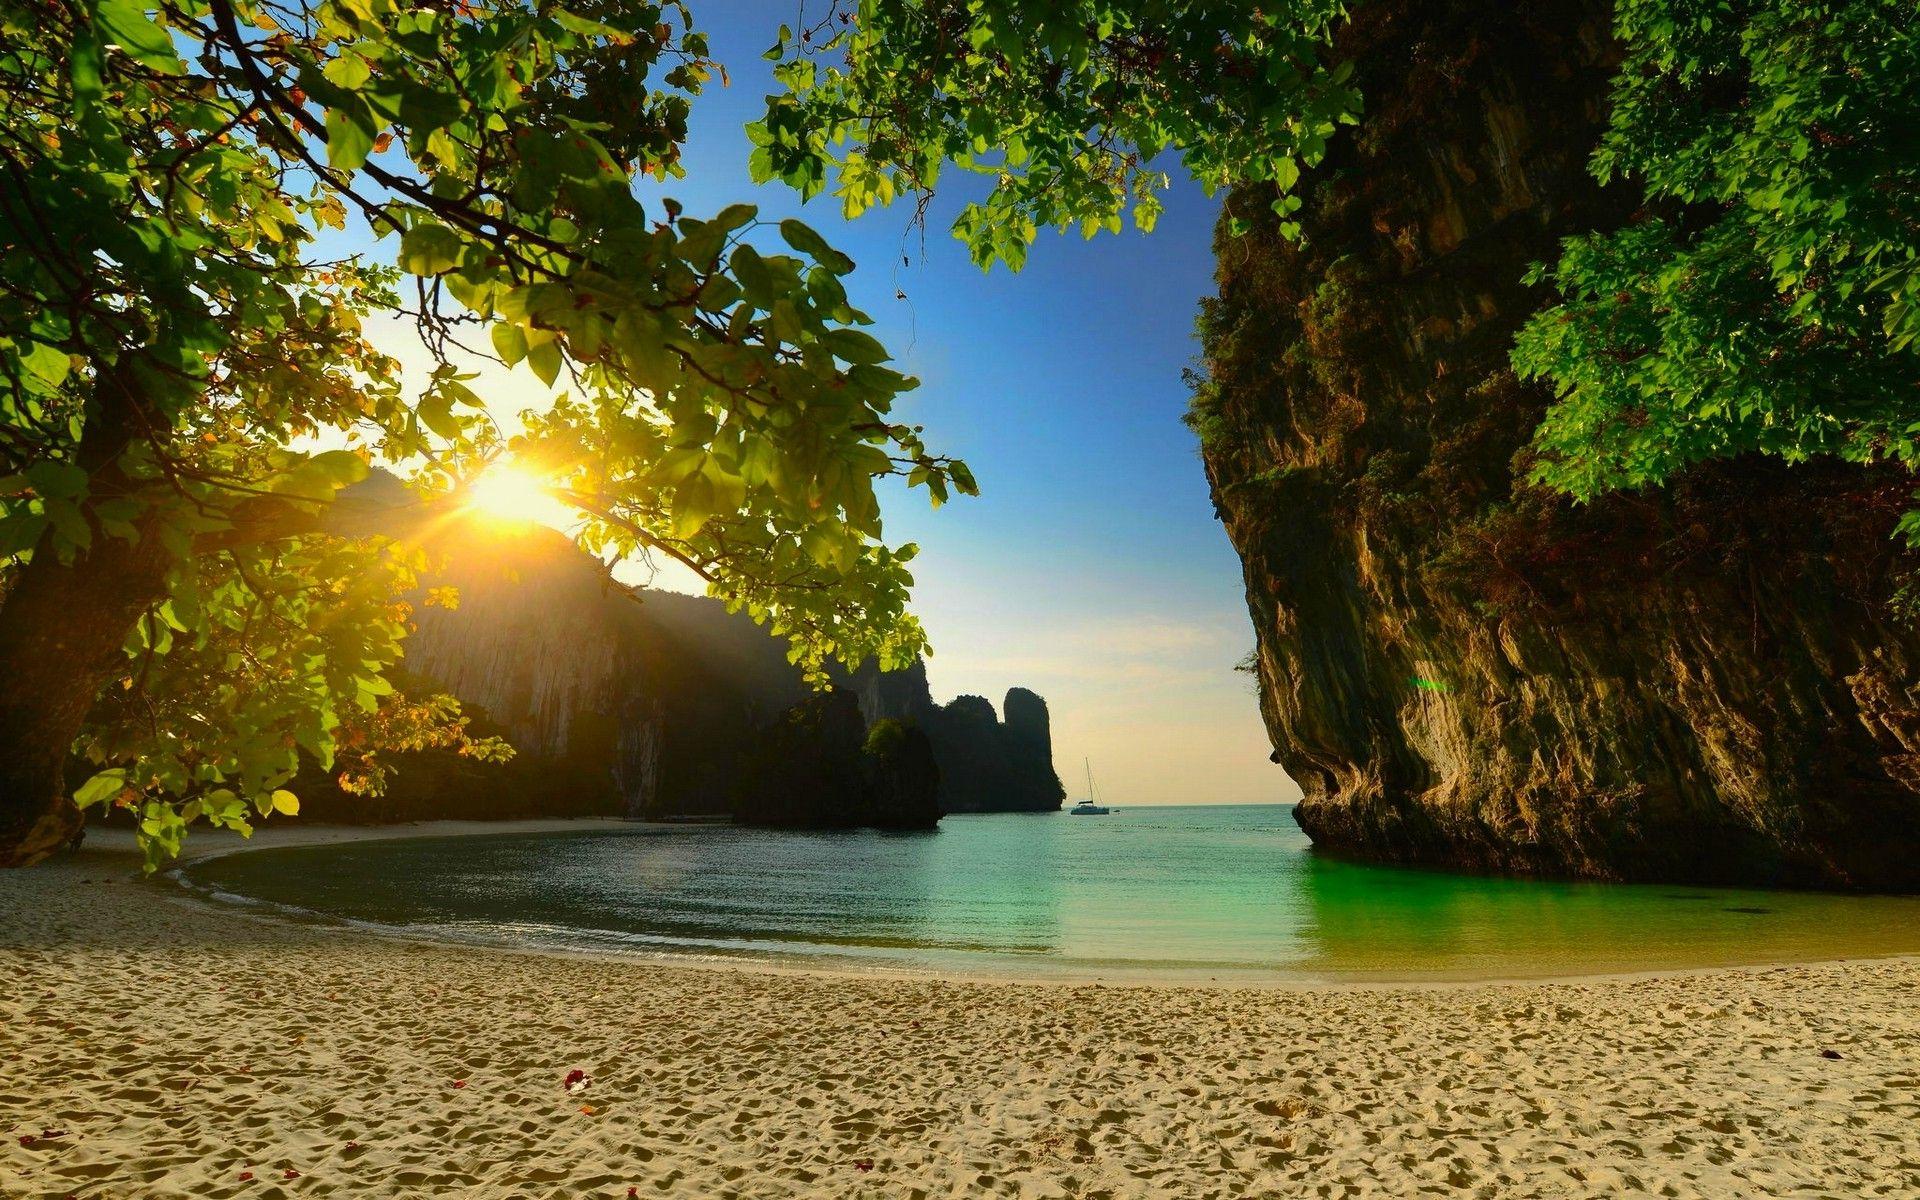 Cequ'il faut visiter en Thailande : plage , paysage, monument , îles